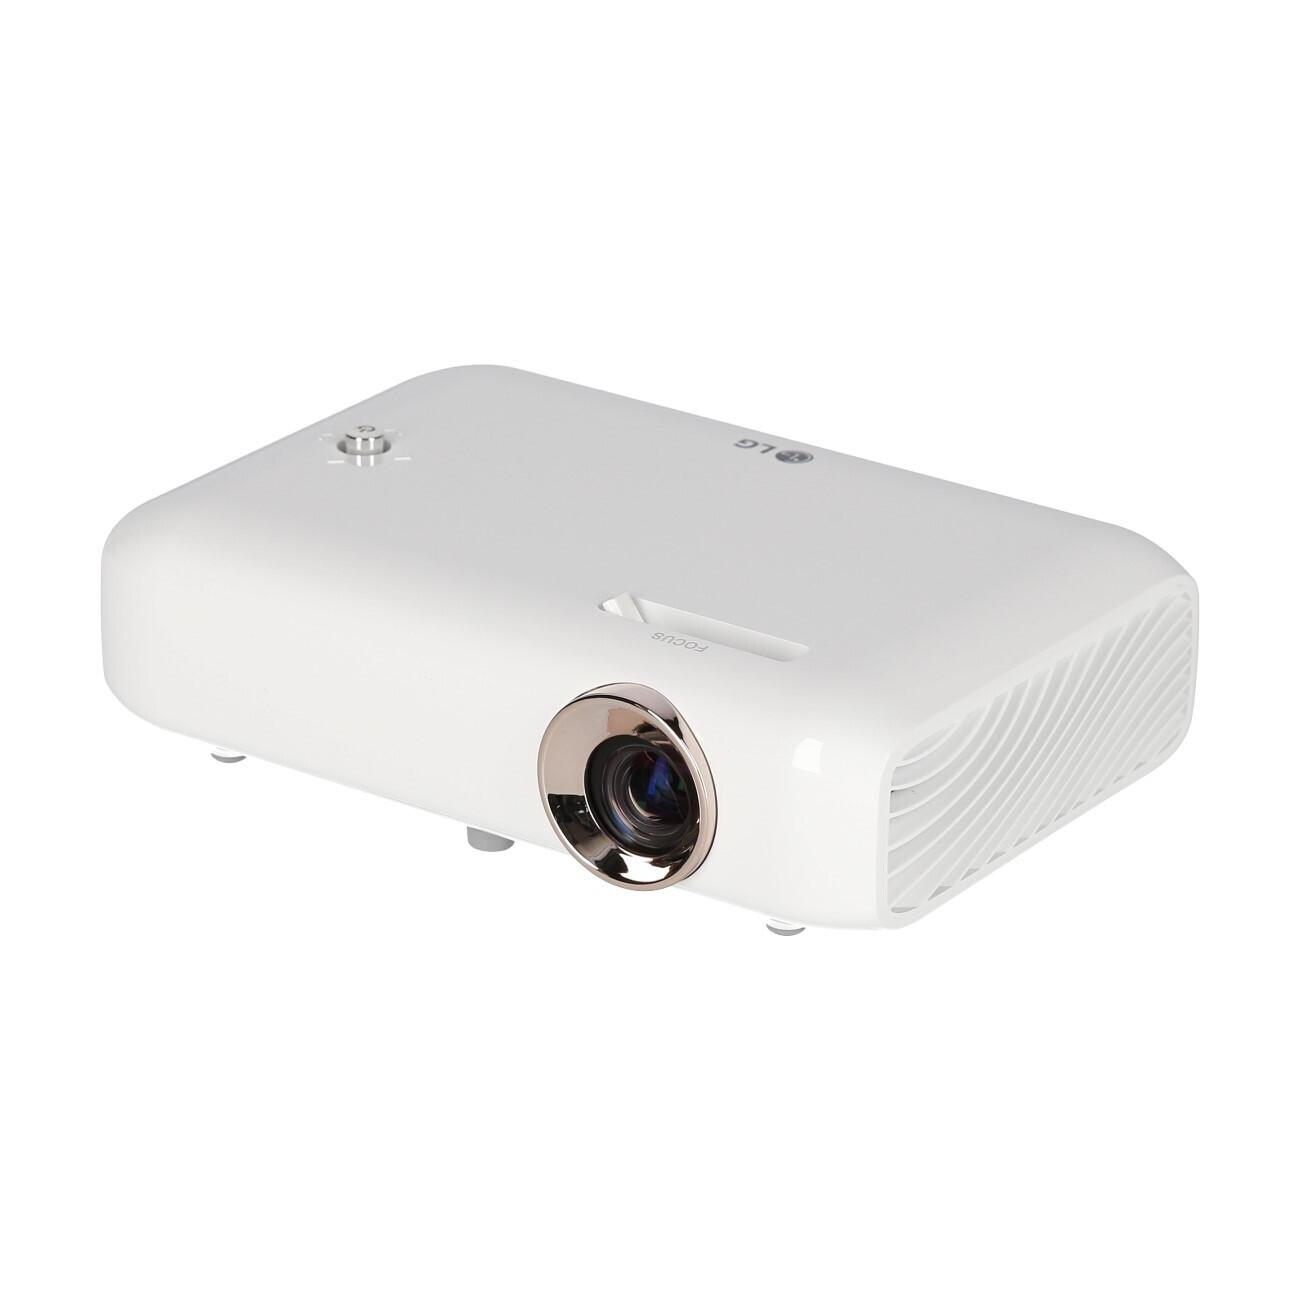 LG PH550 Mini Beamer mit 550 ANSI-Lumen und HD-ready Auflösung